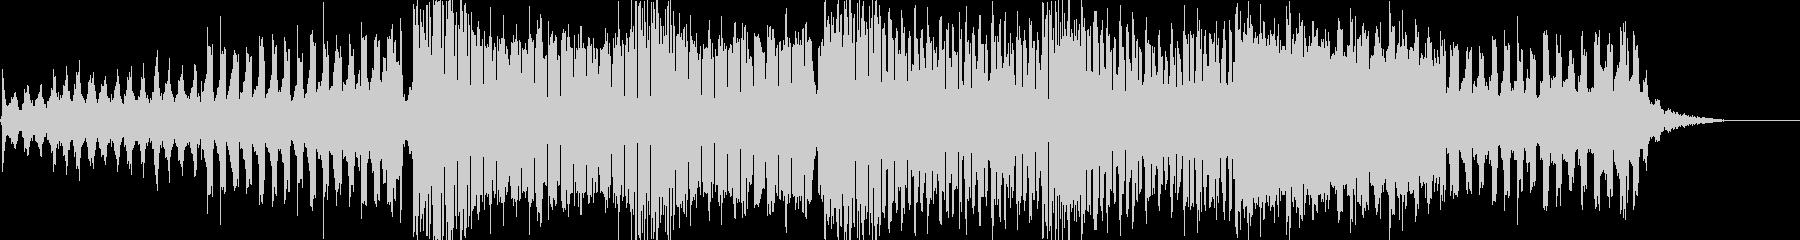 エレクトロダンス楽曲の未再生の波形